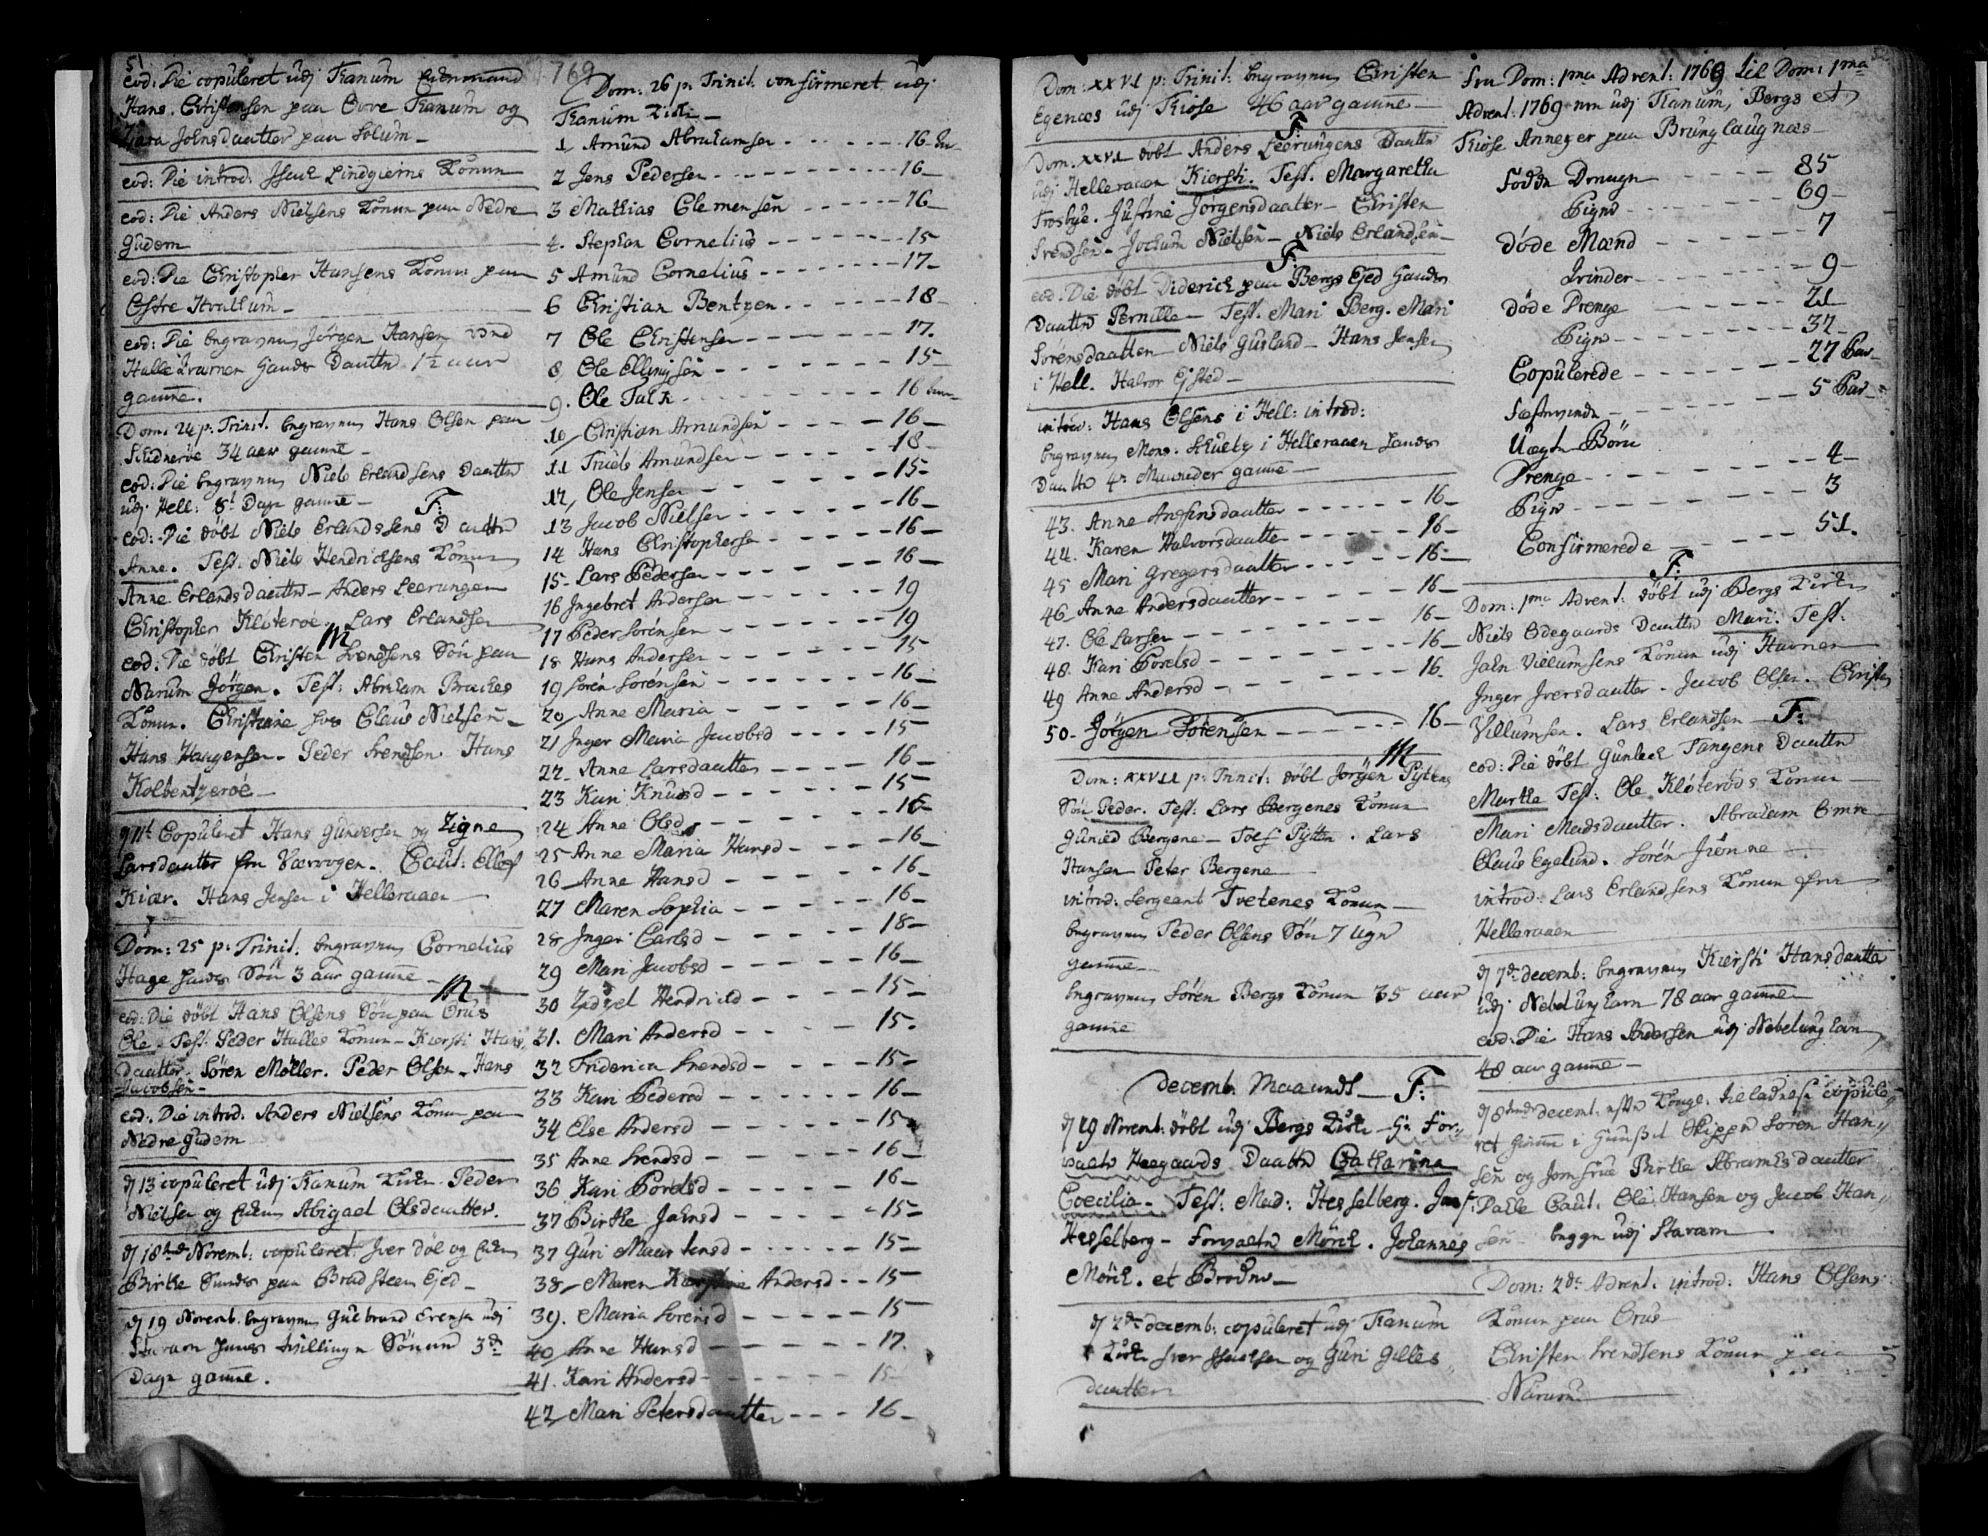 SAKO, Brunlanes kirkebøker, F/Fa/L0001: Ministerialbok nr. I 1, 1766-1801, s. 51-52